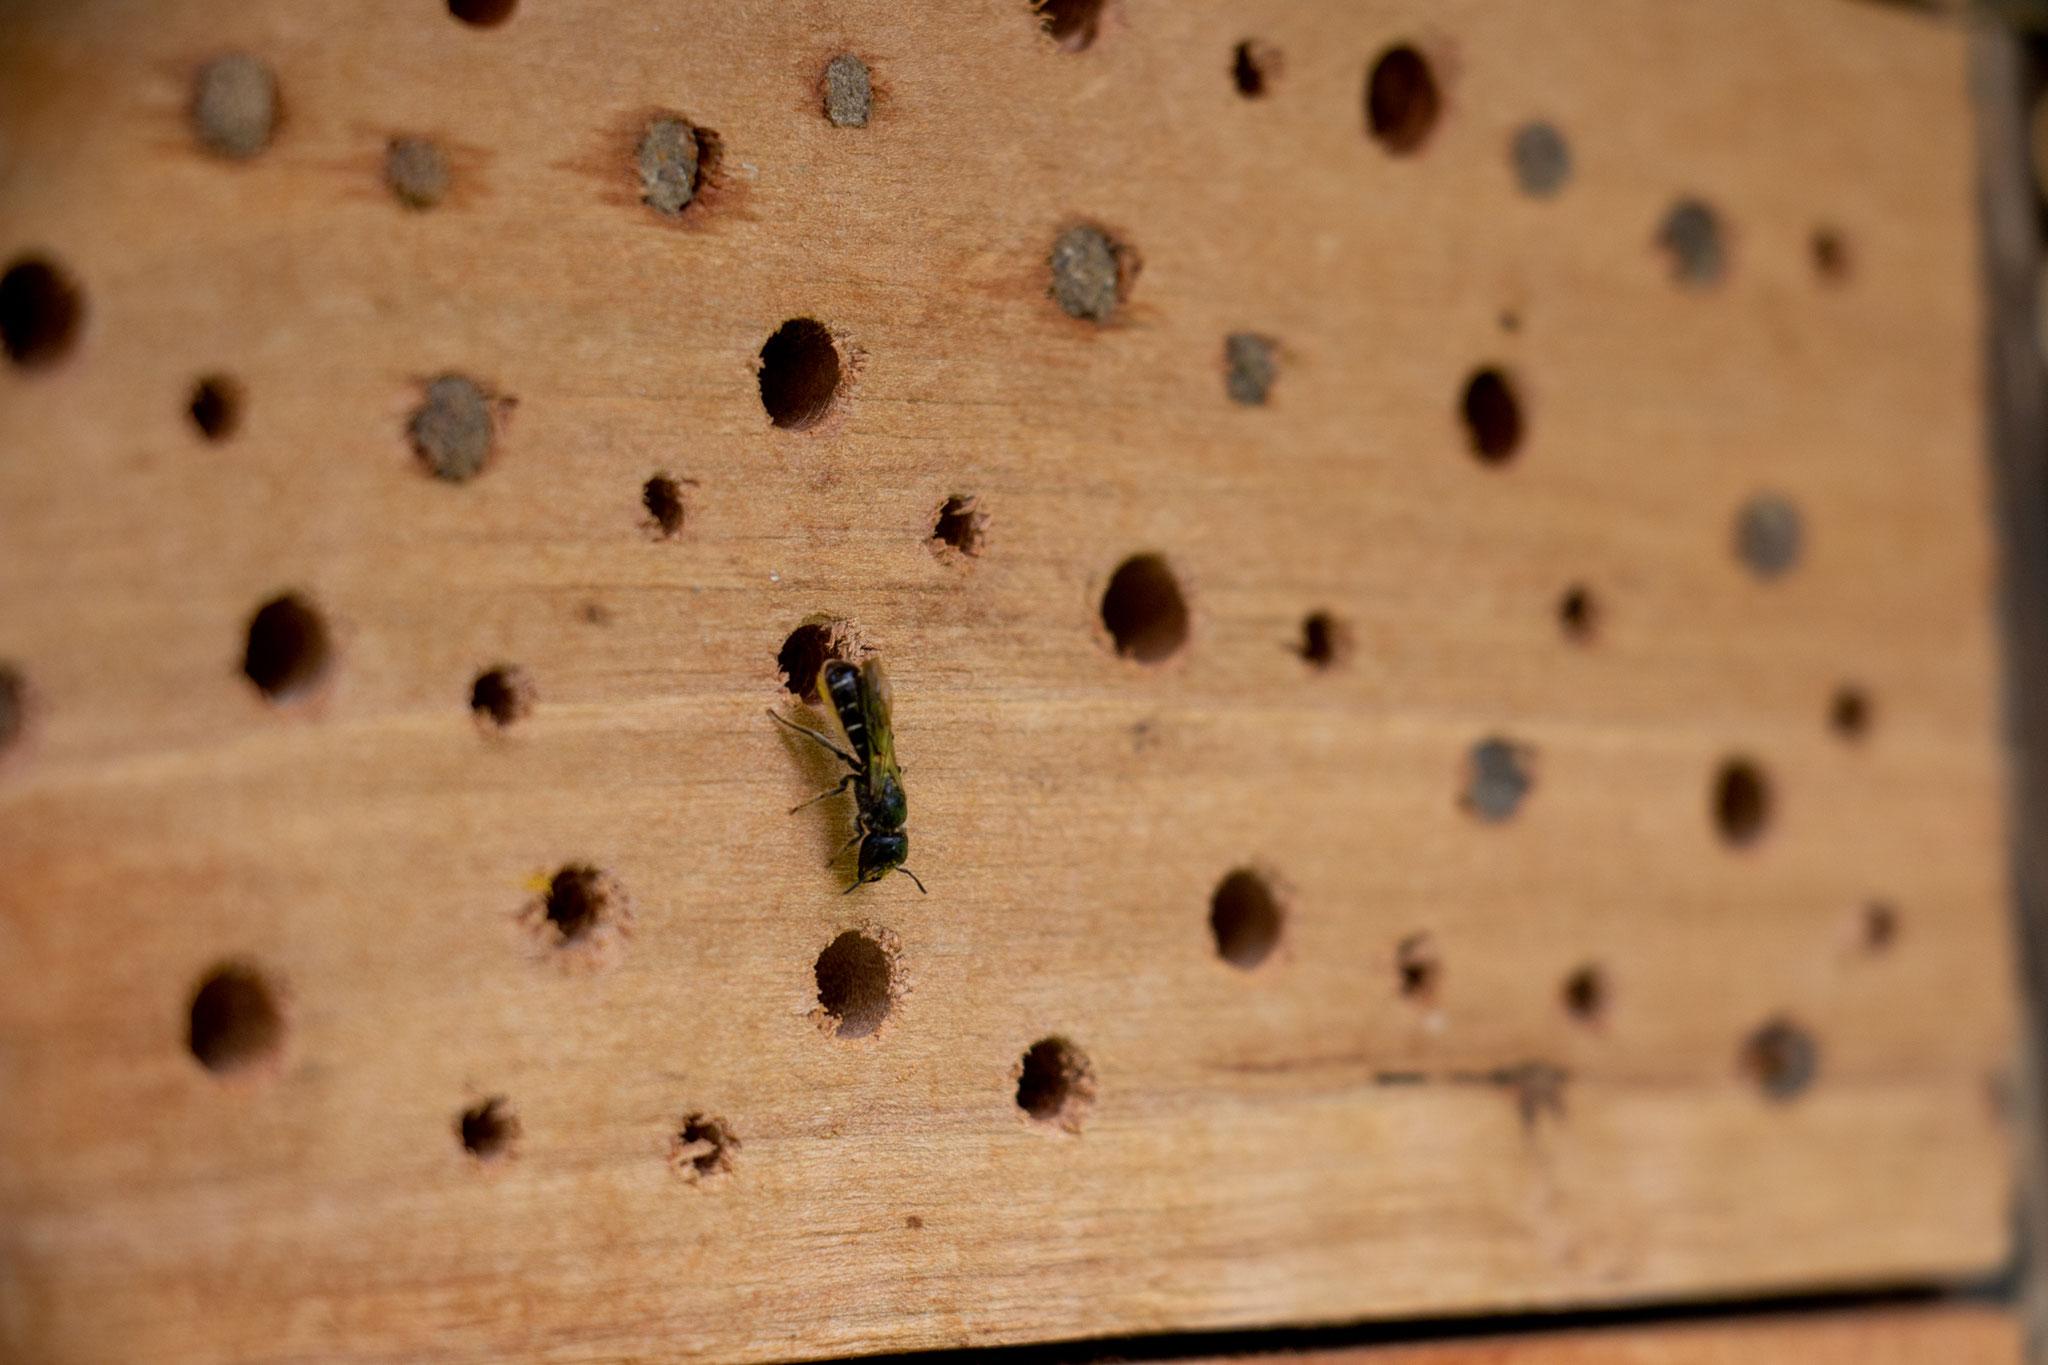 Gewöhnliche Löcherbiene [Heriades truncorum] (Foto: B. Budig)